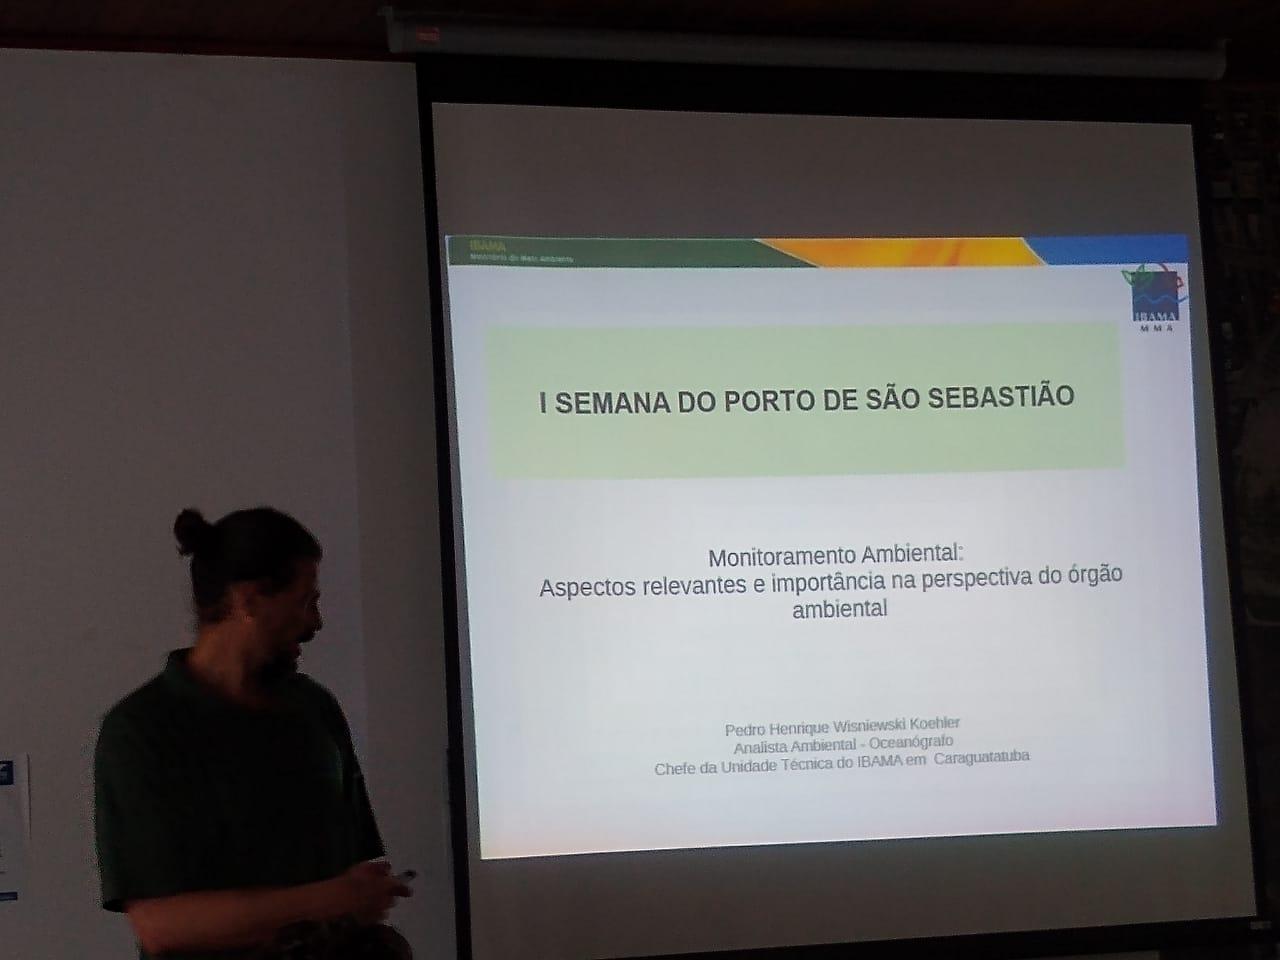 Workshop I Semana do Porto de São Sebastião